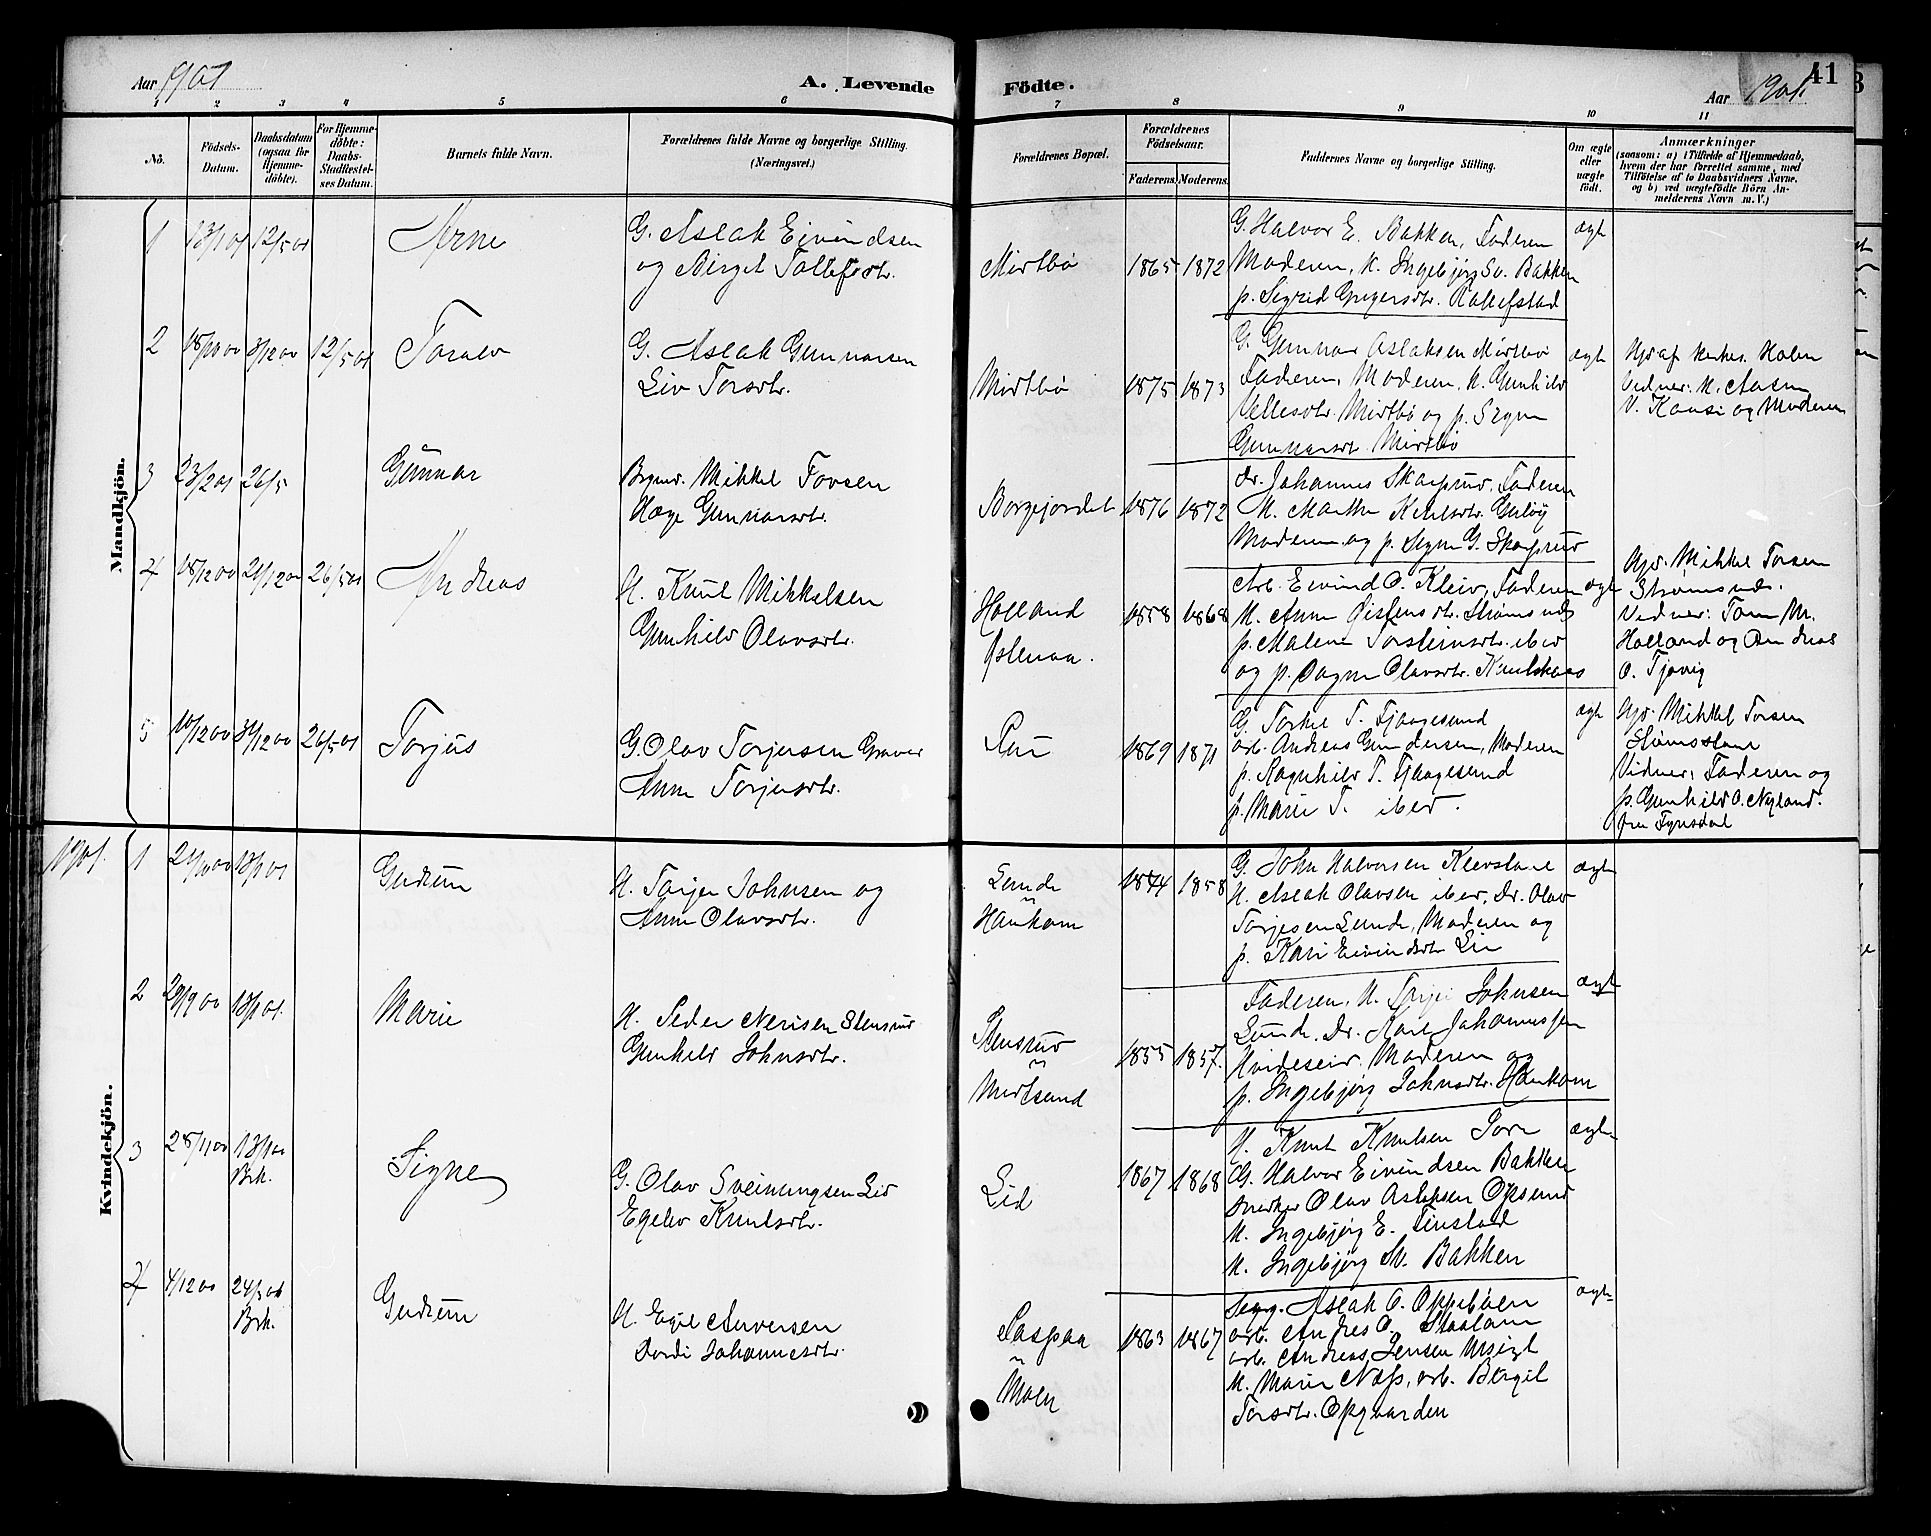 SAKO, Kviteseid kirkebøker, G/Ga/L0002: Klokkerbok nr. I 2, 1893-1918, s. 41